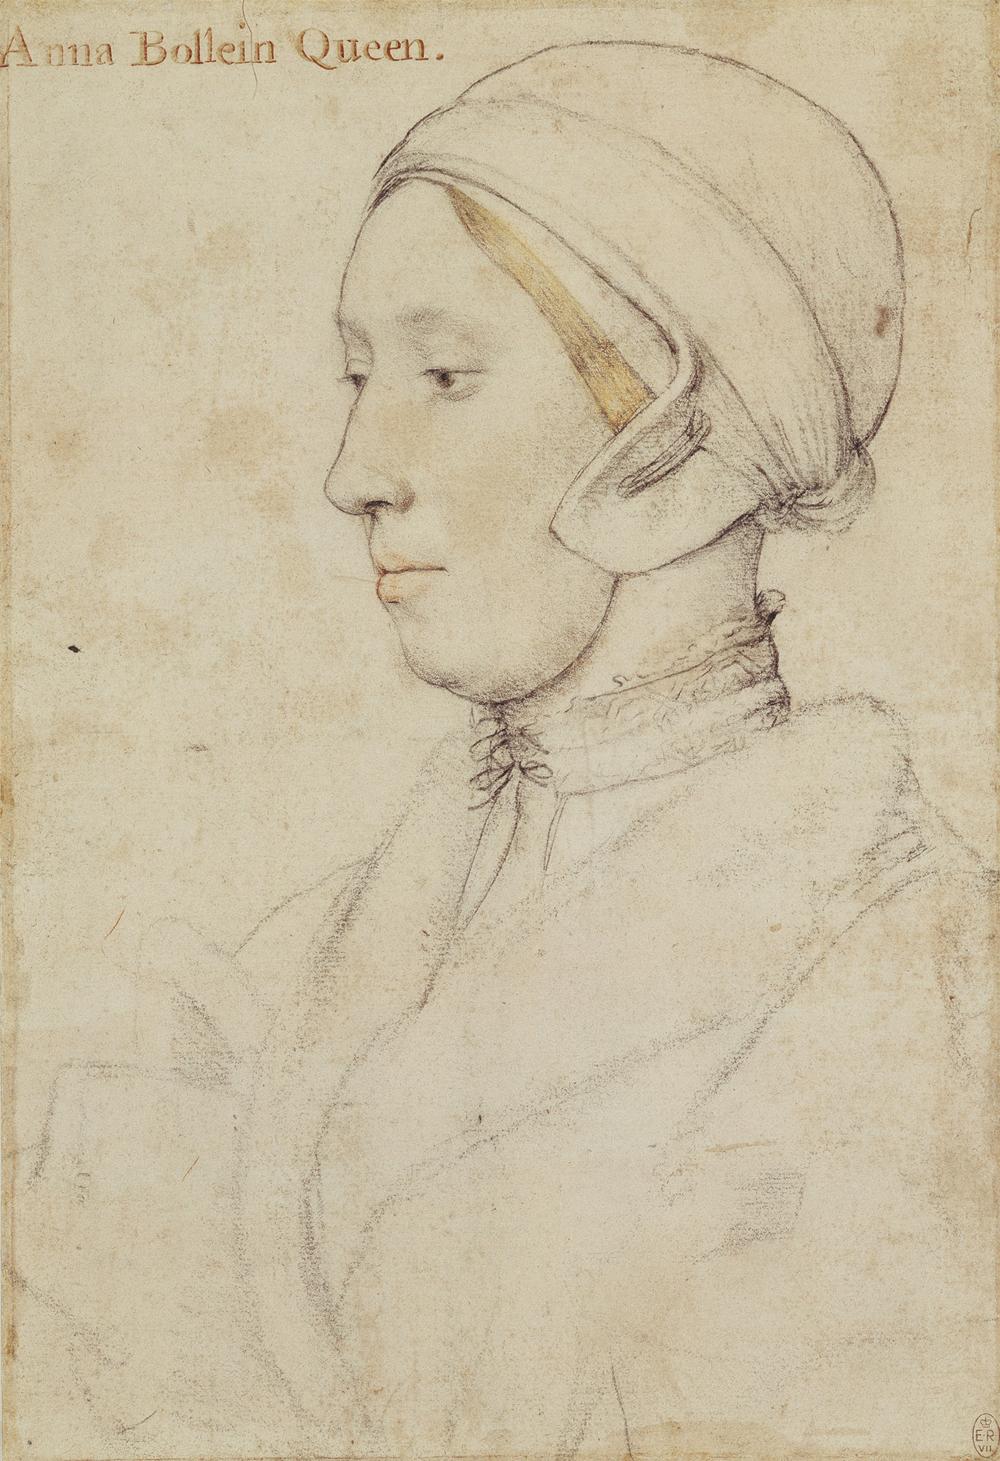 Портрет Анны Болейн, приписываемый ГансуГольбейну (Младшиему), первая половина XVI века.